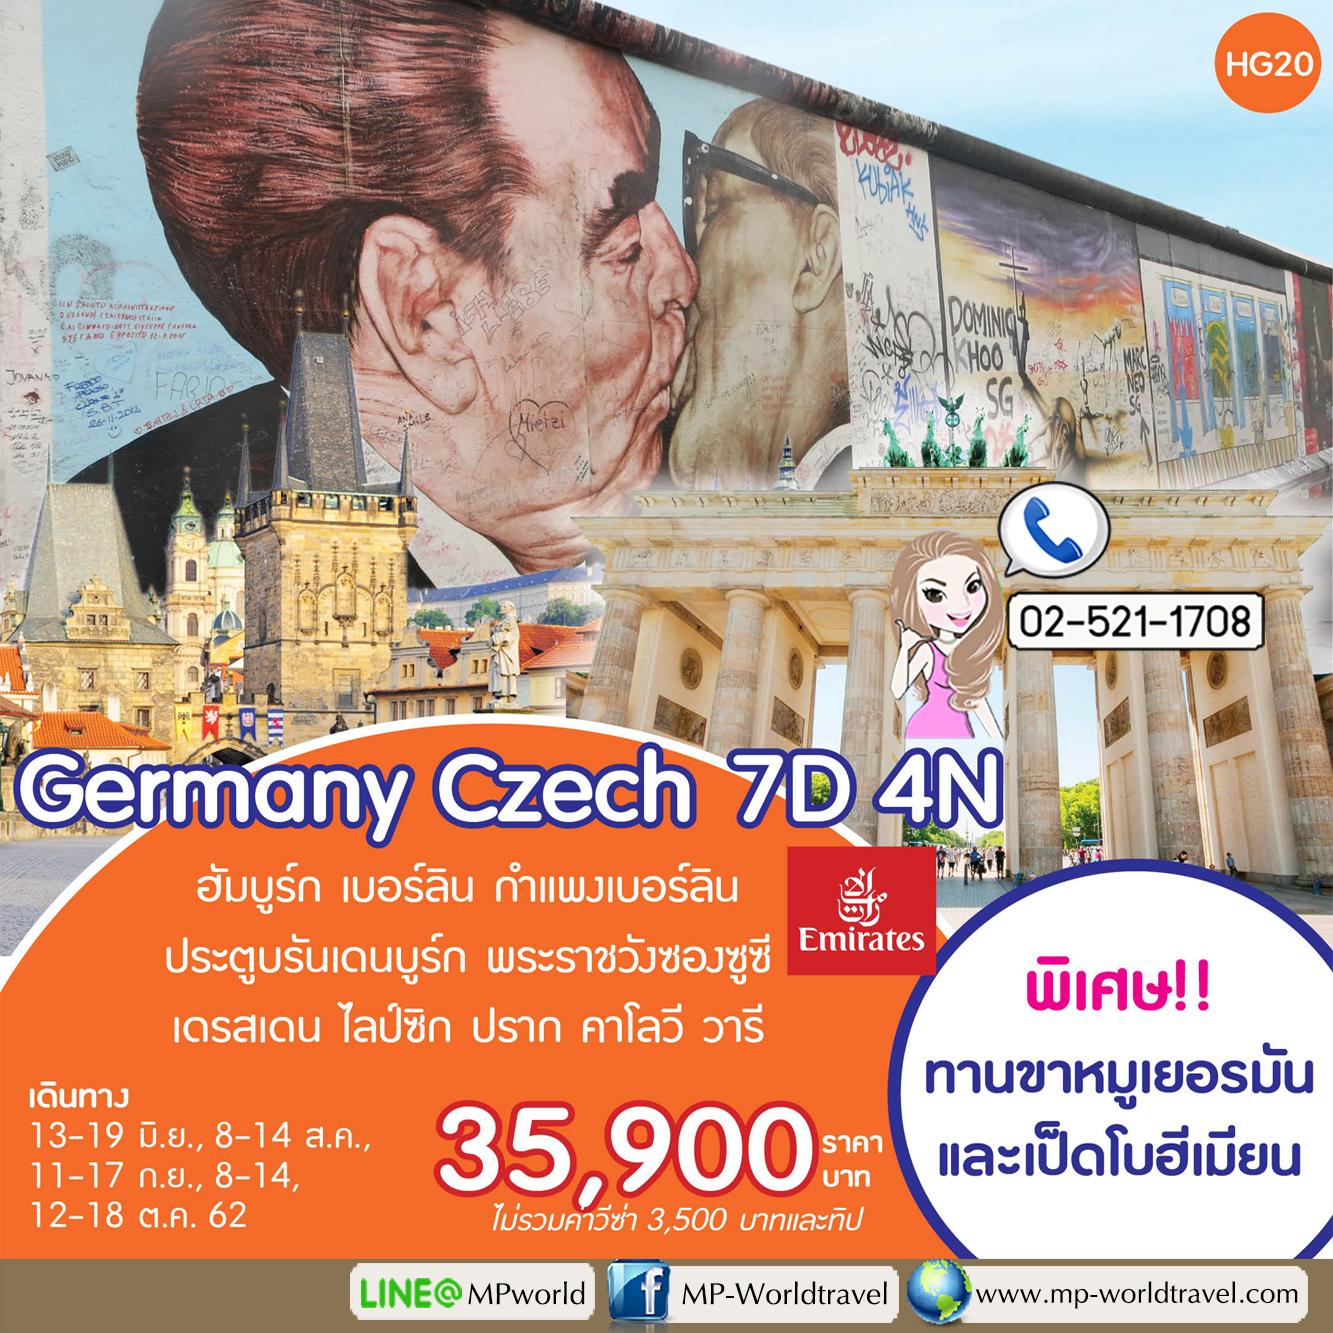 ทัวร์ยุโรป เยอรมัน เชค Germany Czech